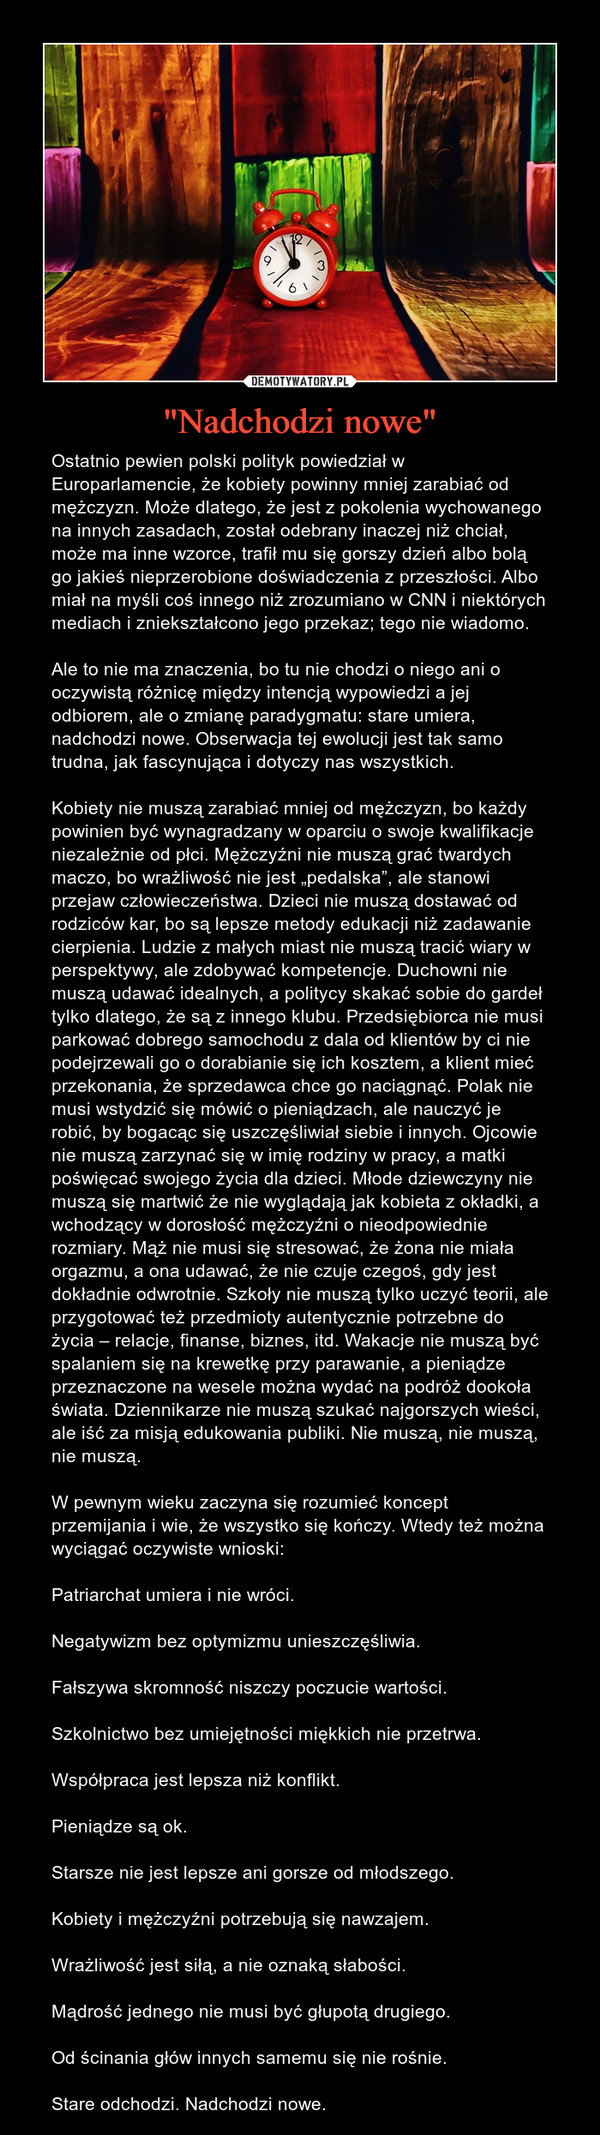 """""""Nadchodzi nowe"""" – Ostatnio pewien polski polityk powiedział w Europarlamencie, że kobiety powinny mniej zarabiać od mężczyzn. Może dlatego, że jest z pokolenia wychowanego na innych zasadach, został odebrany inaczej niż chciał, może ma inne wzorce, trafił mu się gorszy dzień albo bolą go jakieś nieprzerobione doświadczenia z przeszłości. Albo miał na myśli coś innego niż zrozumiano w CNN i niektórych mediach i zniekształcono jego przekaz; tego nie wiadomo.Ale to nie ma znaczenia, bo tu nie chodzi o niego ani o oczywistą różnicę między intencją wypowiedzi a jej odbiorem, ale o zmianę paradygmatu: stare umiera, nadchodzi nowe. Obserwacja tej ewolucji jest tak samo trudna, jak fascynująca i dotyczy nas wszystkich.Kobiety nie muszą zarabiać mniej od mężczyzn, bo każdy powinien być wynagradzany w oparciu o swoje kwalifikacje niezależnie od płci. Mężczyźni nie muszą grać twardych maczo, bo wrażliwość nie jest """"pedalska"""", ale stanowi przejaw człowieczeństwa. Dzieci nie muszą dostawać od rodziców kar, bo są lepsze metody edukacji niż zadawanie cierpienia. Ludzie z małych miast nie muszą tracić wiary w perspektywy, ale zdobywać kompetencje. Duchowni nie muszą udawać idealnych, a politycy skakać sobie do gardeł tylko dlatego, że są z innego klubu. Przedsiębiorca nie musi parkować dobrego samochodu z dala od klientów by ci nie podejrzewali go o dorabianie się ich kosztem, a klient mieć przekonania, że sprzedawca chce go naciągnąć. Polak nie musi wstydzić się mówić o pieniądzach, ale nauczyć je robić, by bogacąc się uszczęśliwiał siebie i innych. Ojcowie nie muszą zarzynać się w imię rodziny w pracy, a matki poświęcać swojego życia dla dzieci. Młode dziewczyny nie muszą się martwić że nie wyglądają jak kobieta z okładki, a wchodzący w dorosłość mężczyźni o nieodpowiednie rozmiary. Mąż nie musi się stresować, że żona nie miała orgazmu, a ona udawać, że nie czuje czegoś, gdy jest dokładnie odwrotnie. Szkoły nie muszą tylko uczyć teorii, ale przygotować też przedmioty autentyczni"""